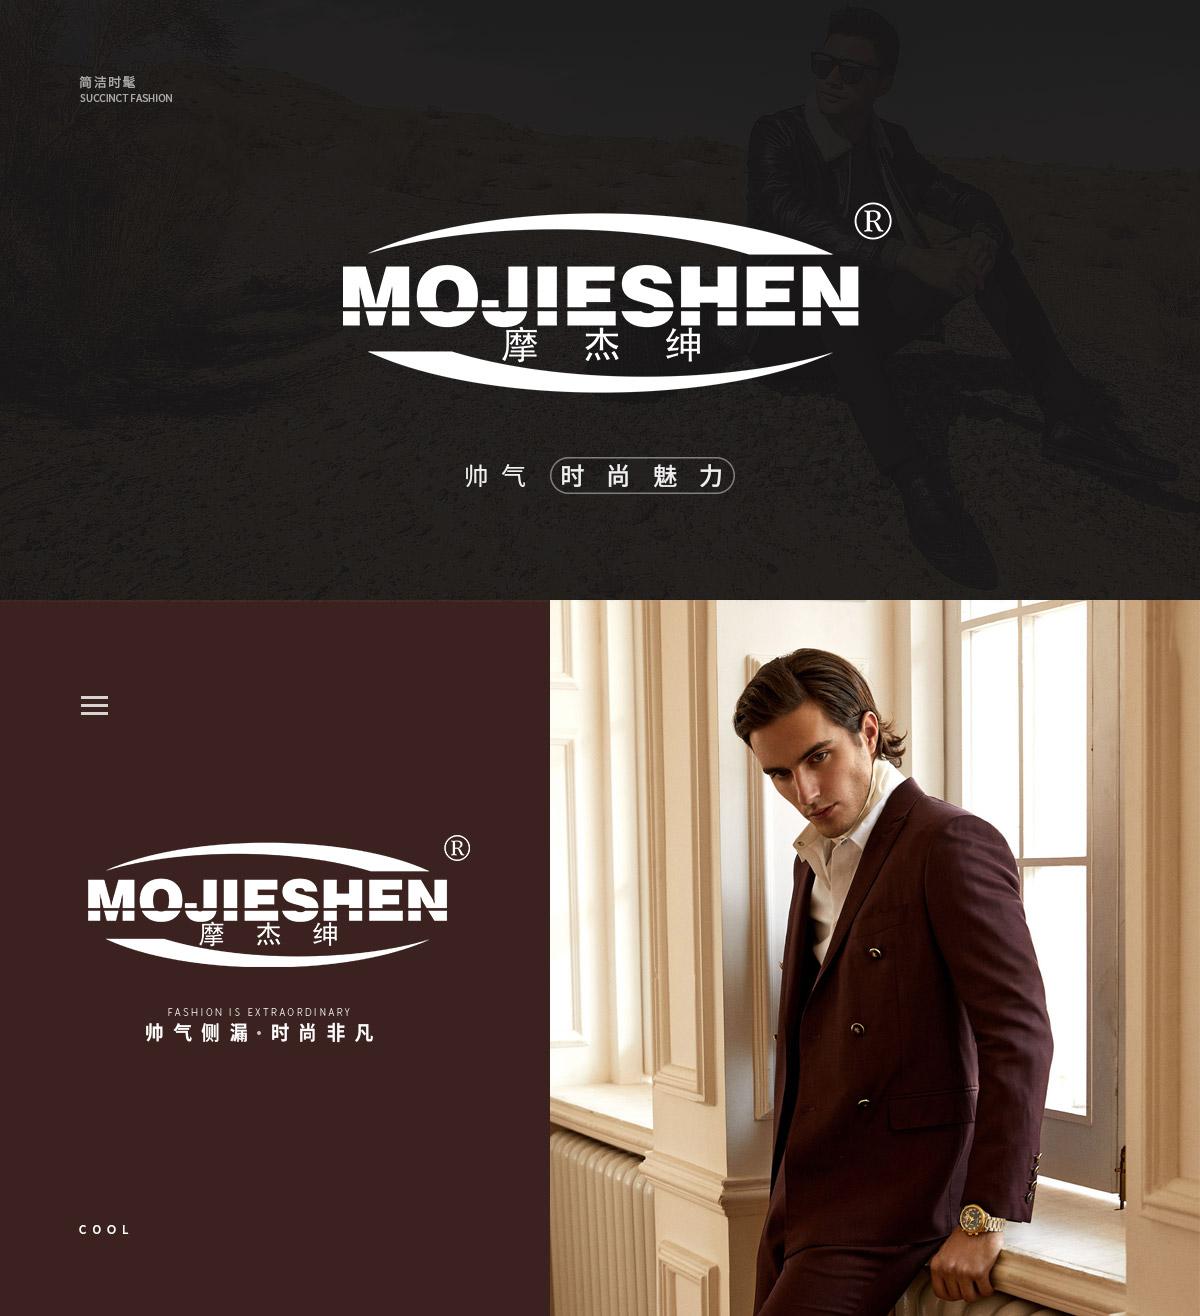 摩杰绅 MOJIESHEN